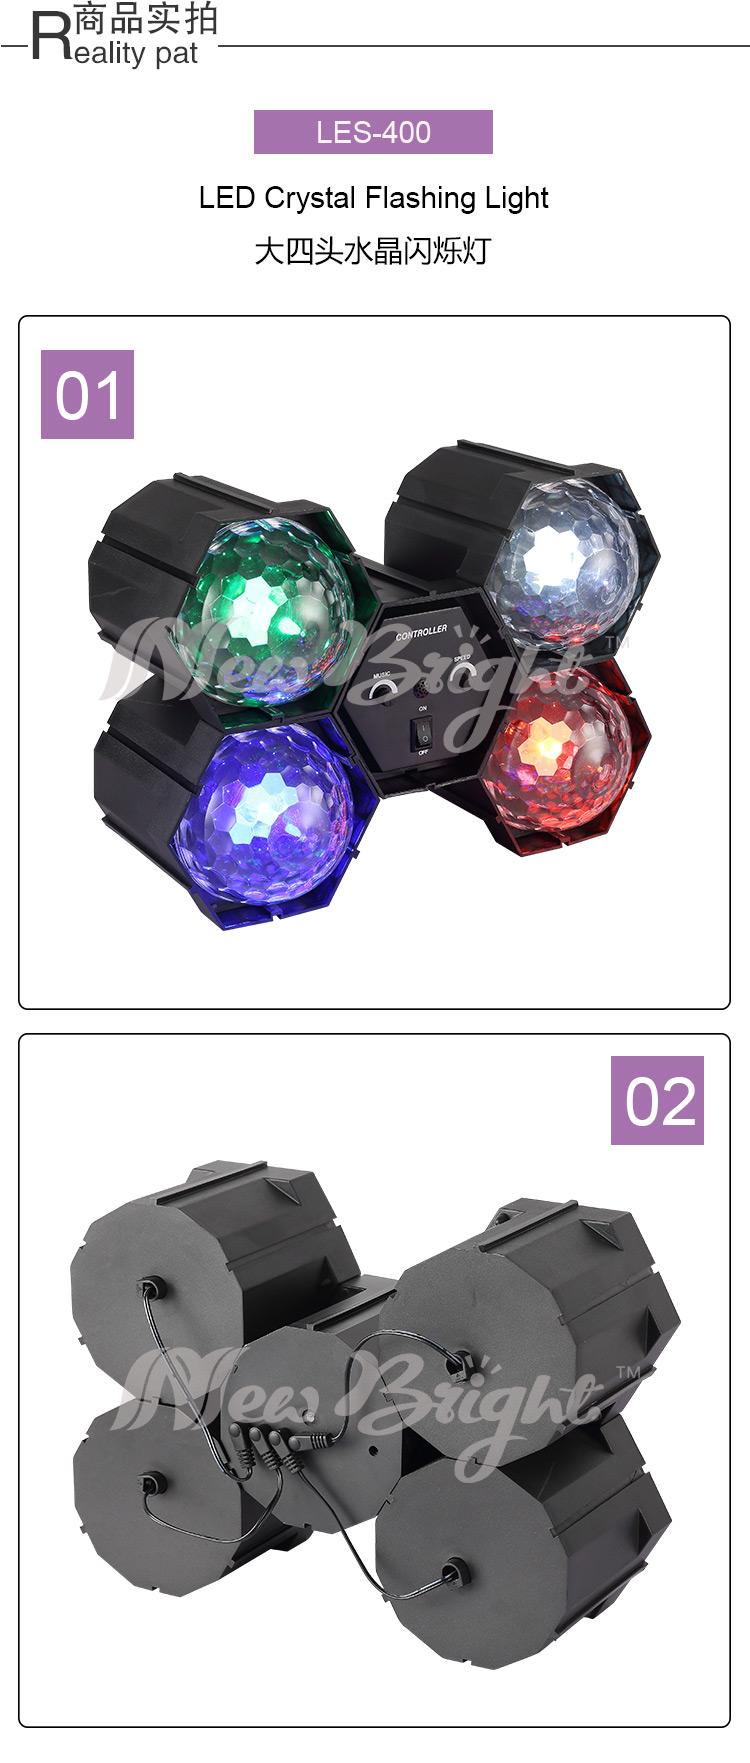 실내 LED Crystal Flashing 빛 빛 Effects 대 한 웨딩 쇼 KTV 바 DJ 차 차 볼룸 홈 클럽 펍